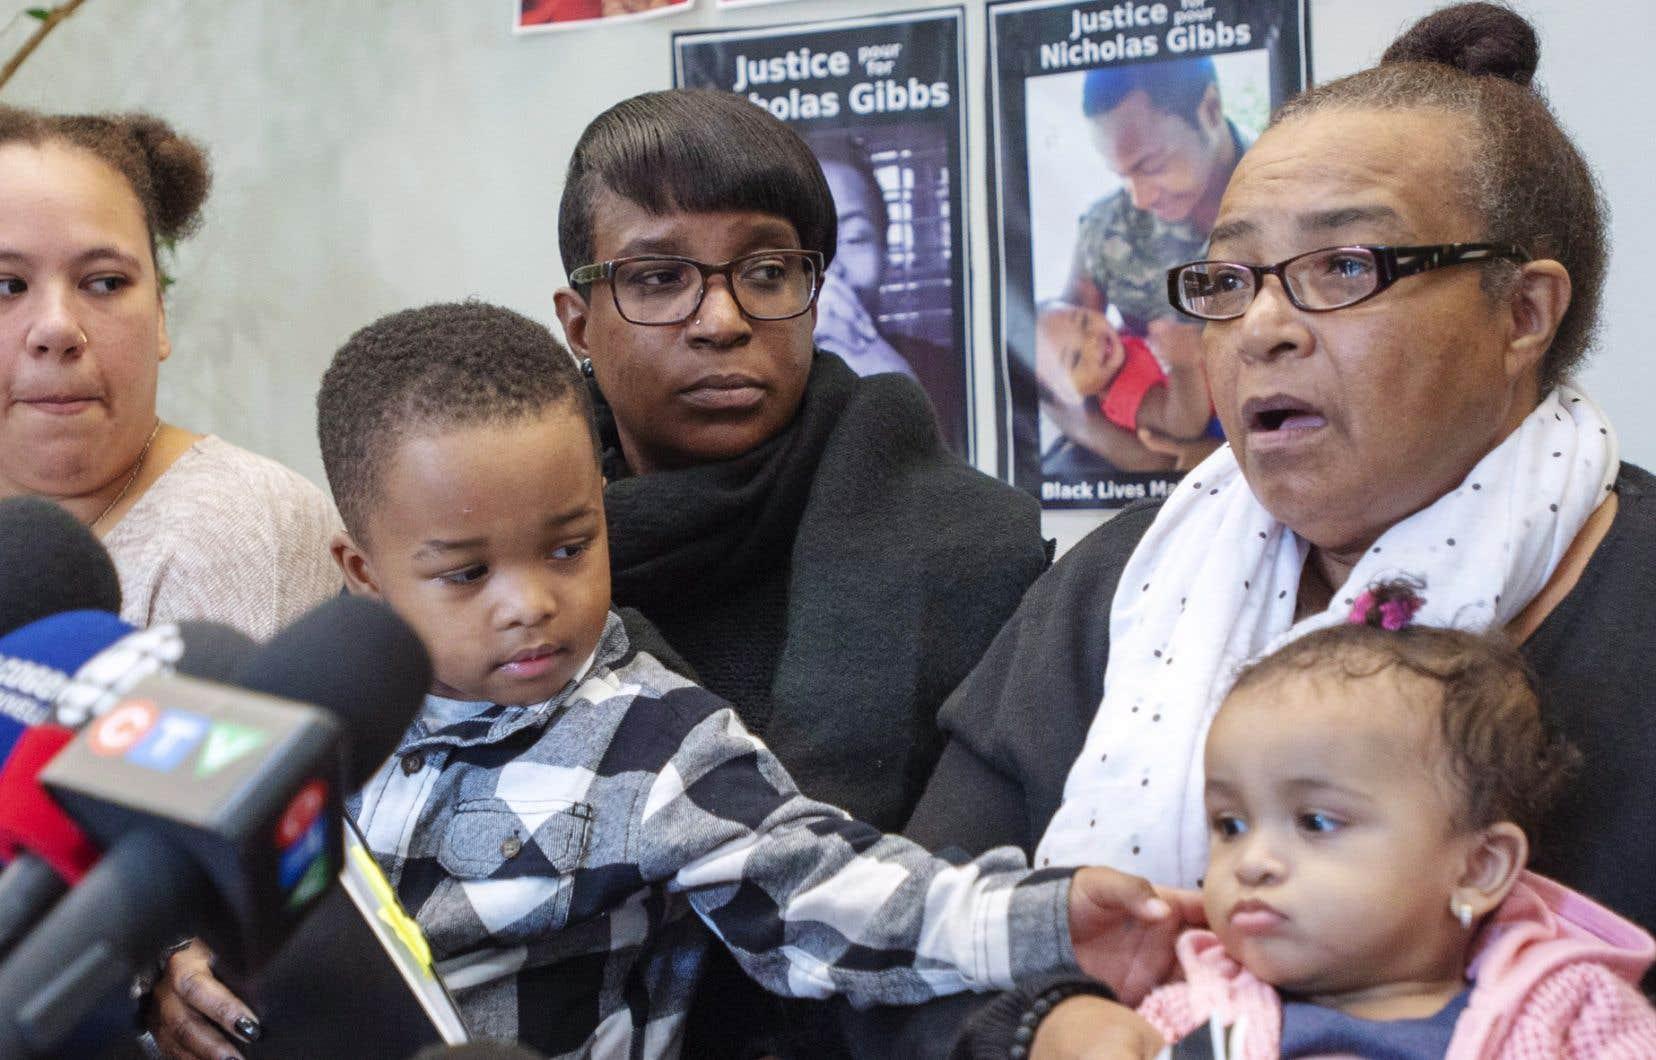 <p>Les proches de Nicholas Gibbs réclament 1,035million de dollars en dommages moraux et 100000$ en dommages punitifs à la Ville de Montréal.</p>